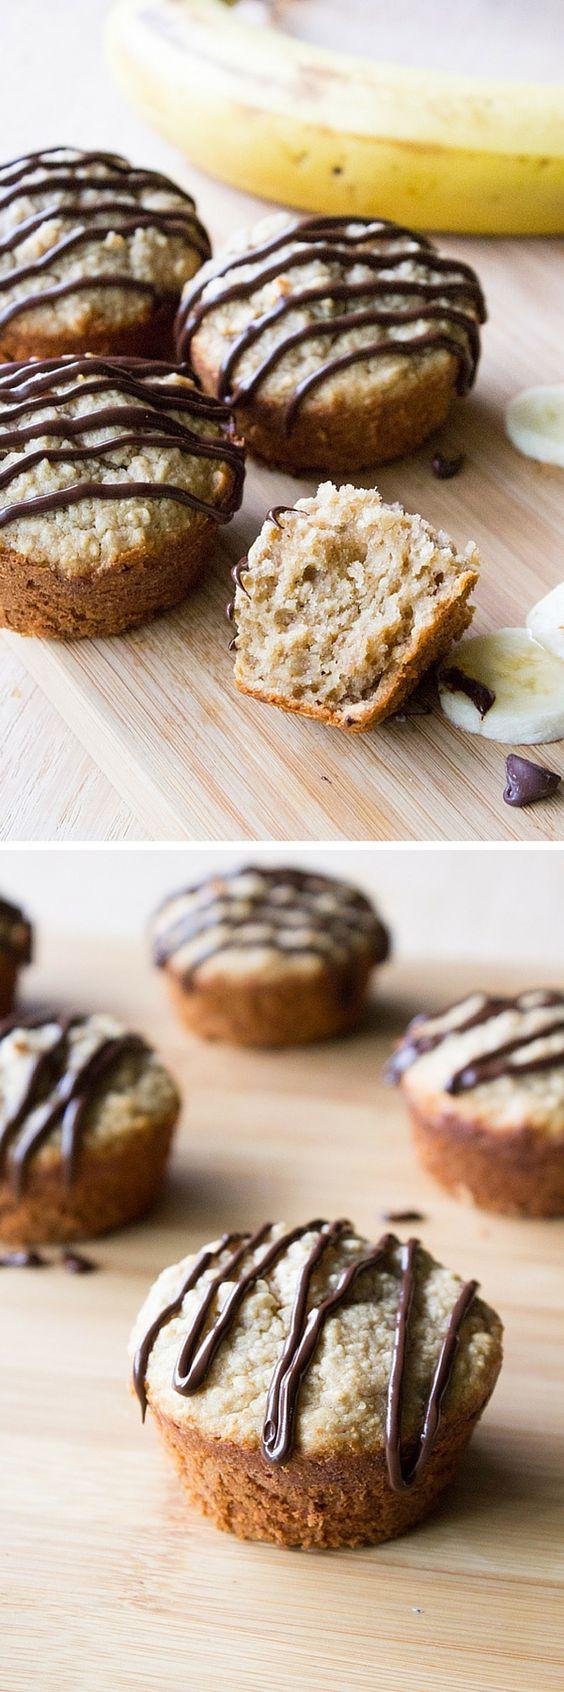 peanut butter muffins glaze butter bananas healthy peanut butter ...